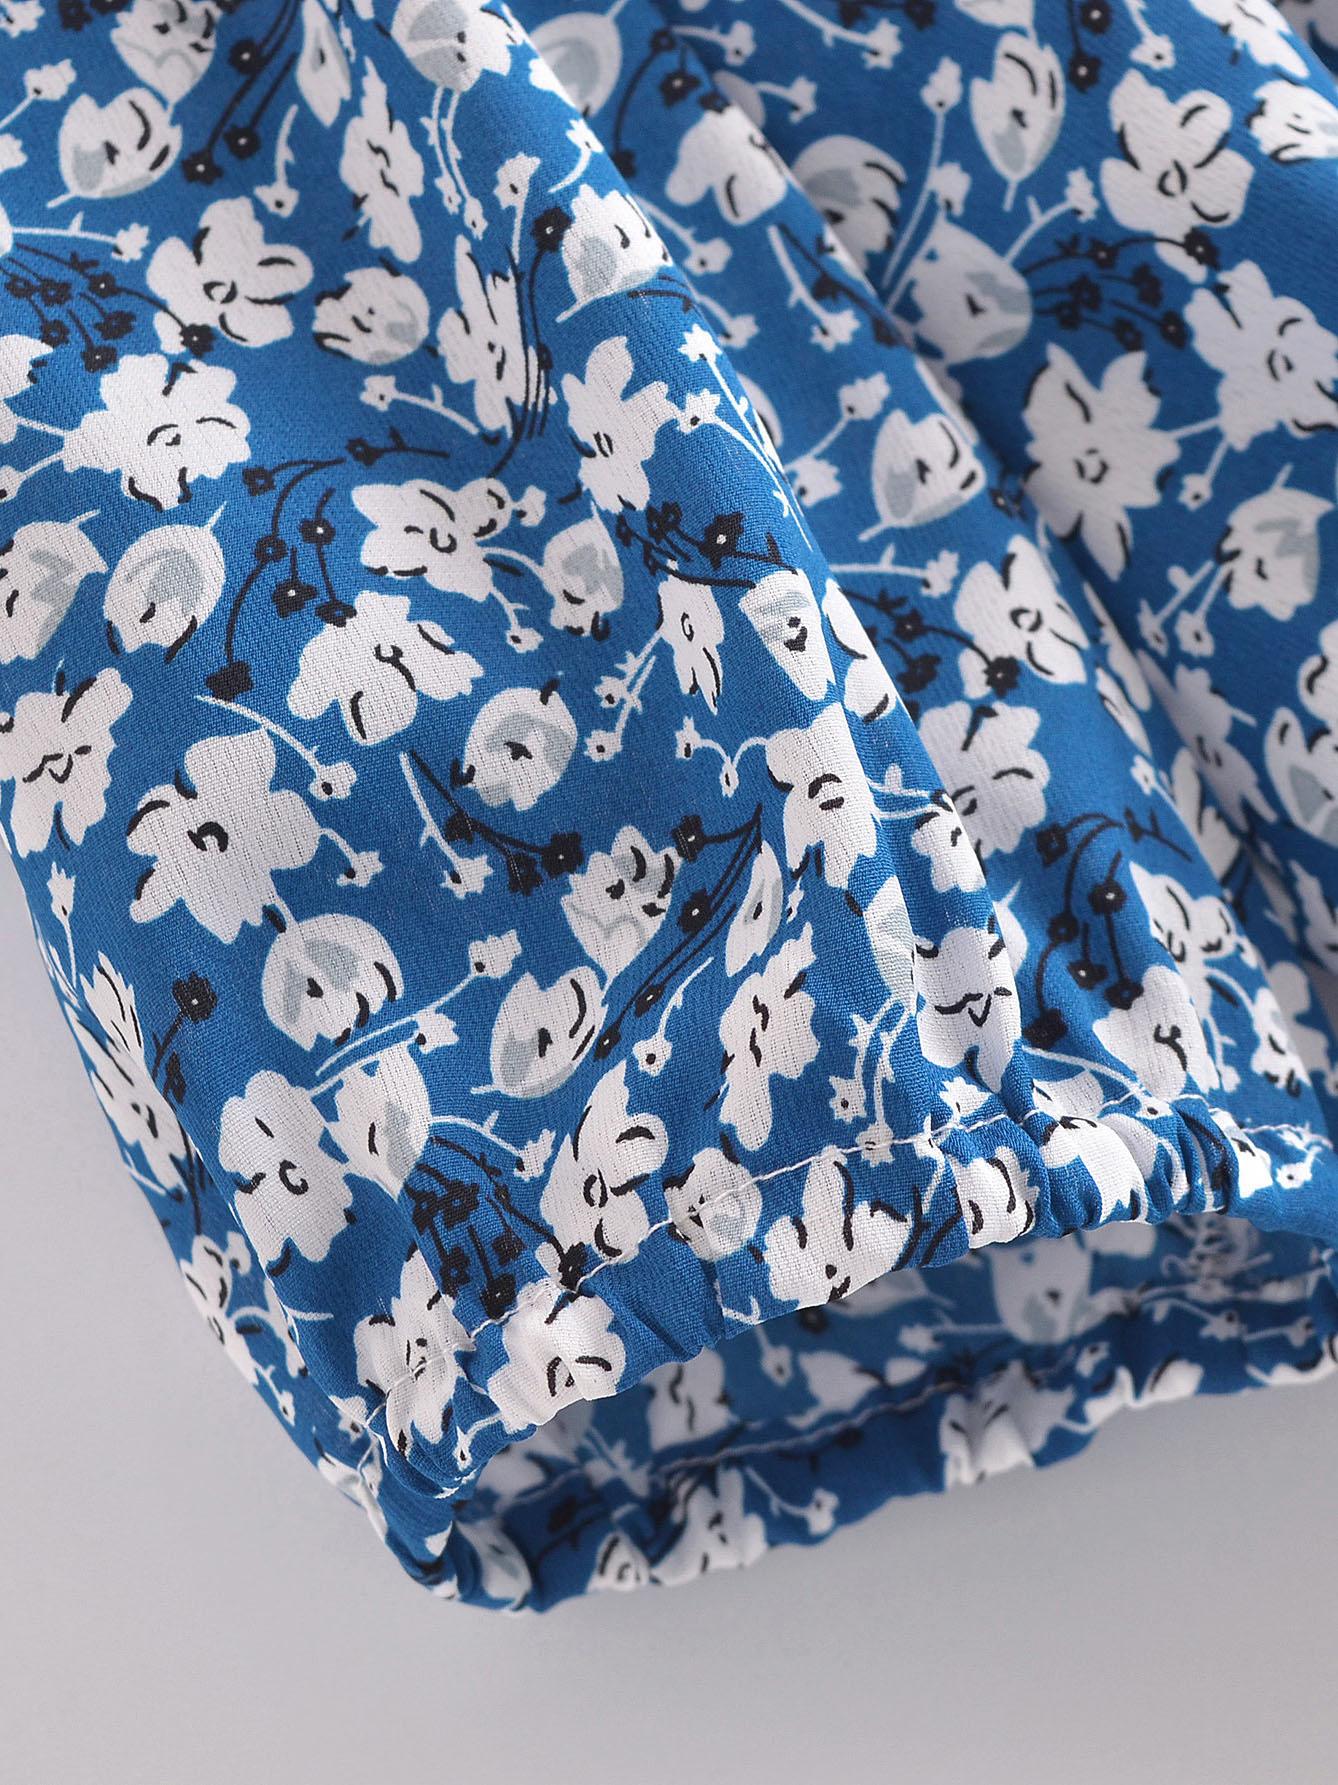 Summer Floral Ruched V Neck Blouse For Women